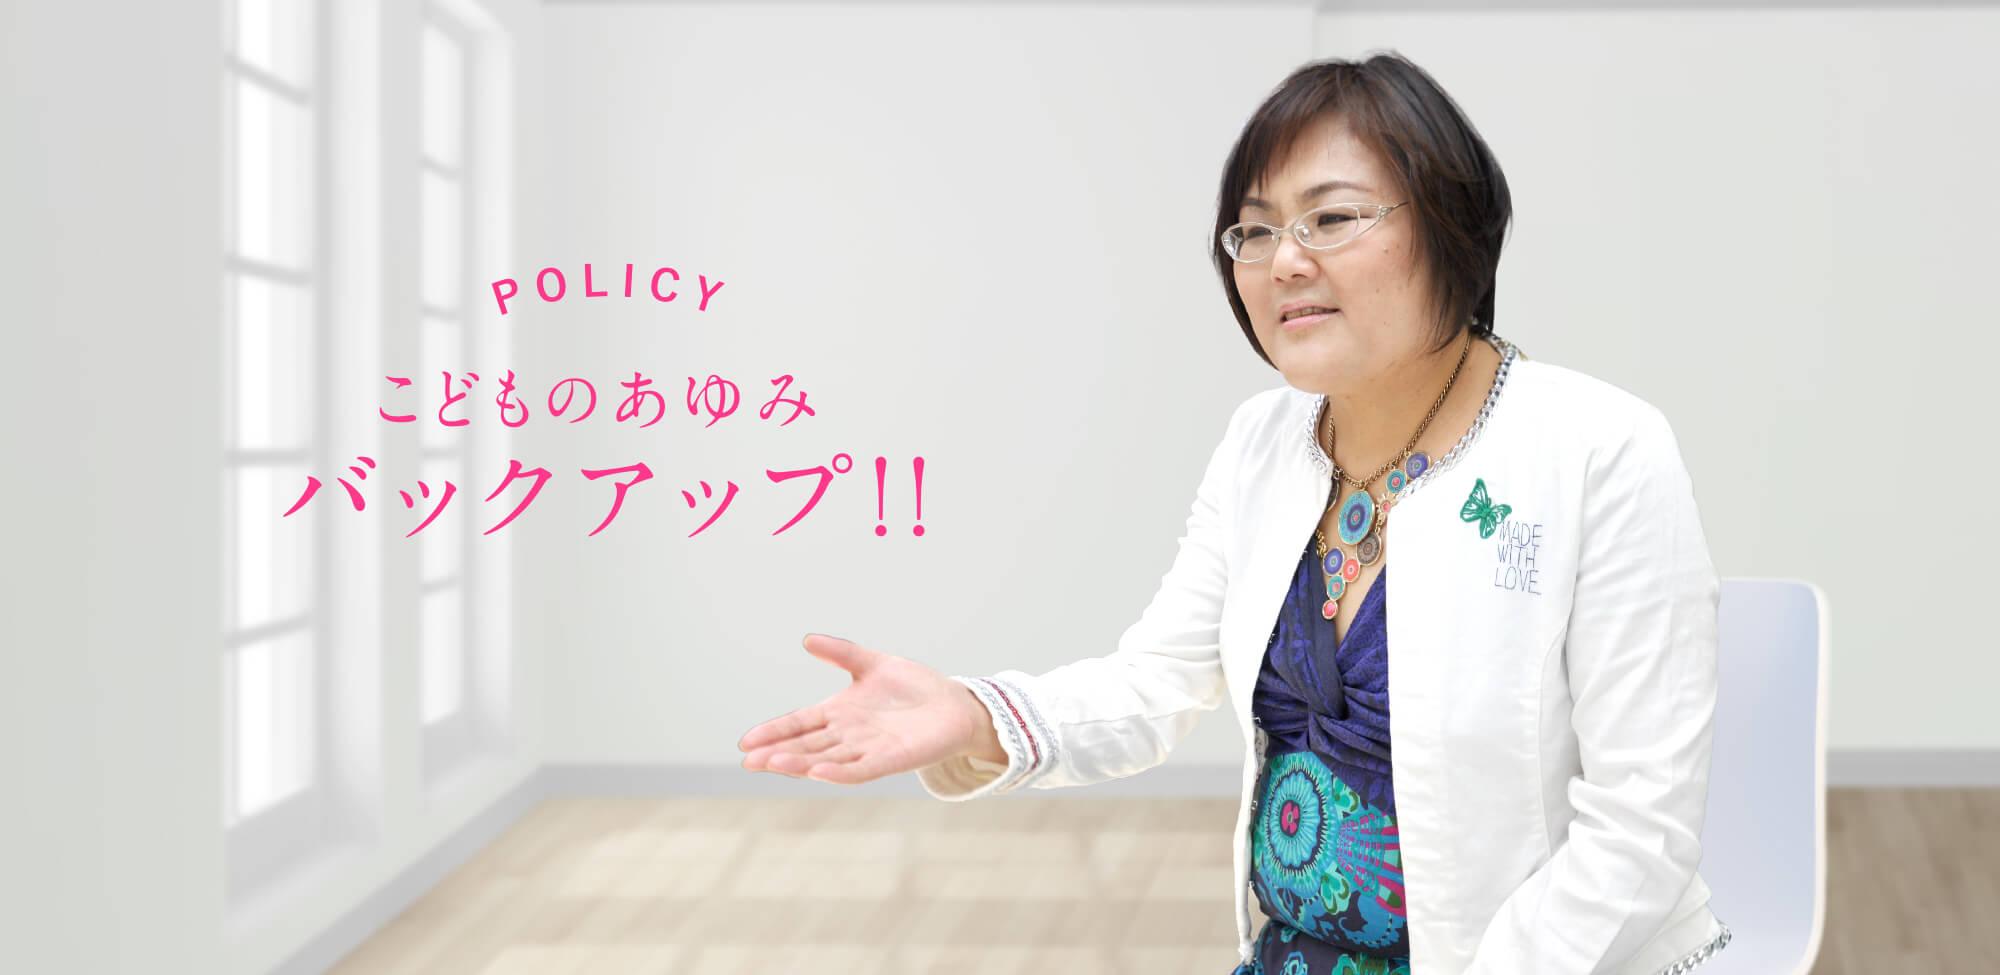 POLICY こどものあゆみバックアップ!!